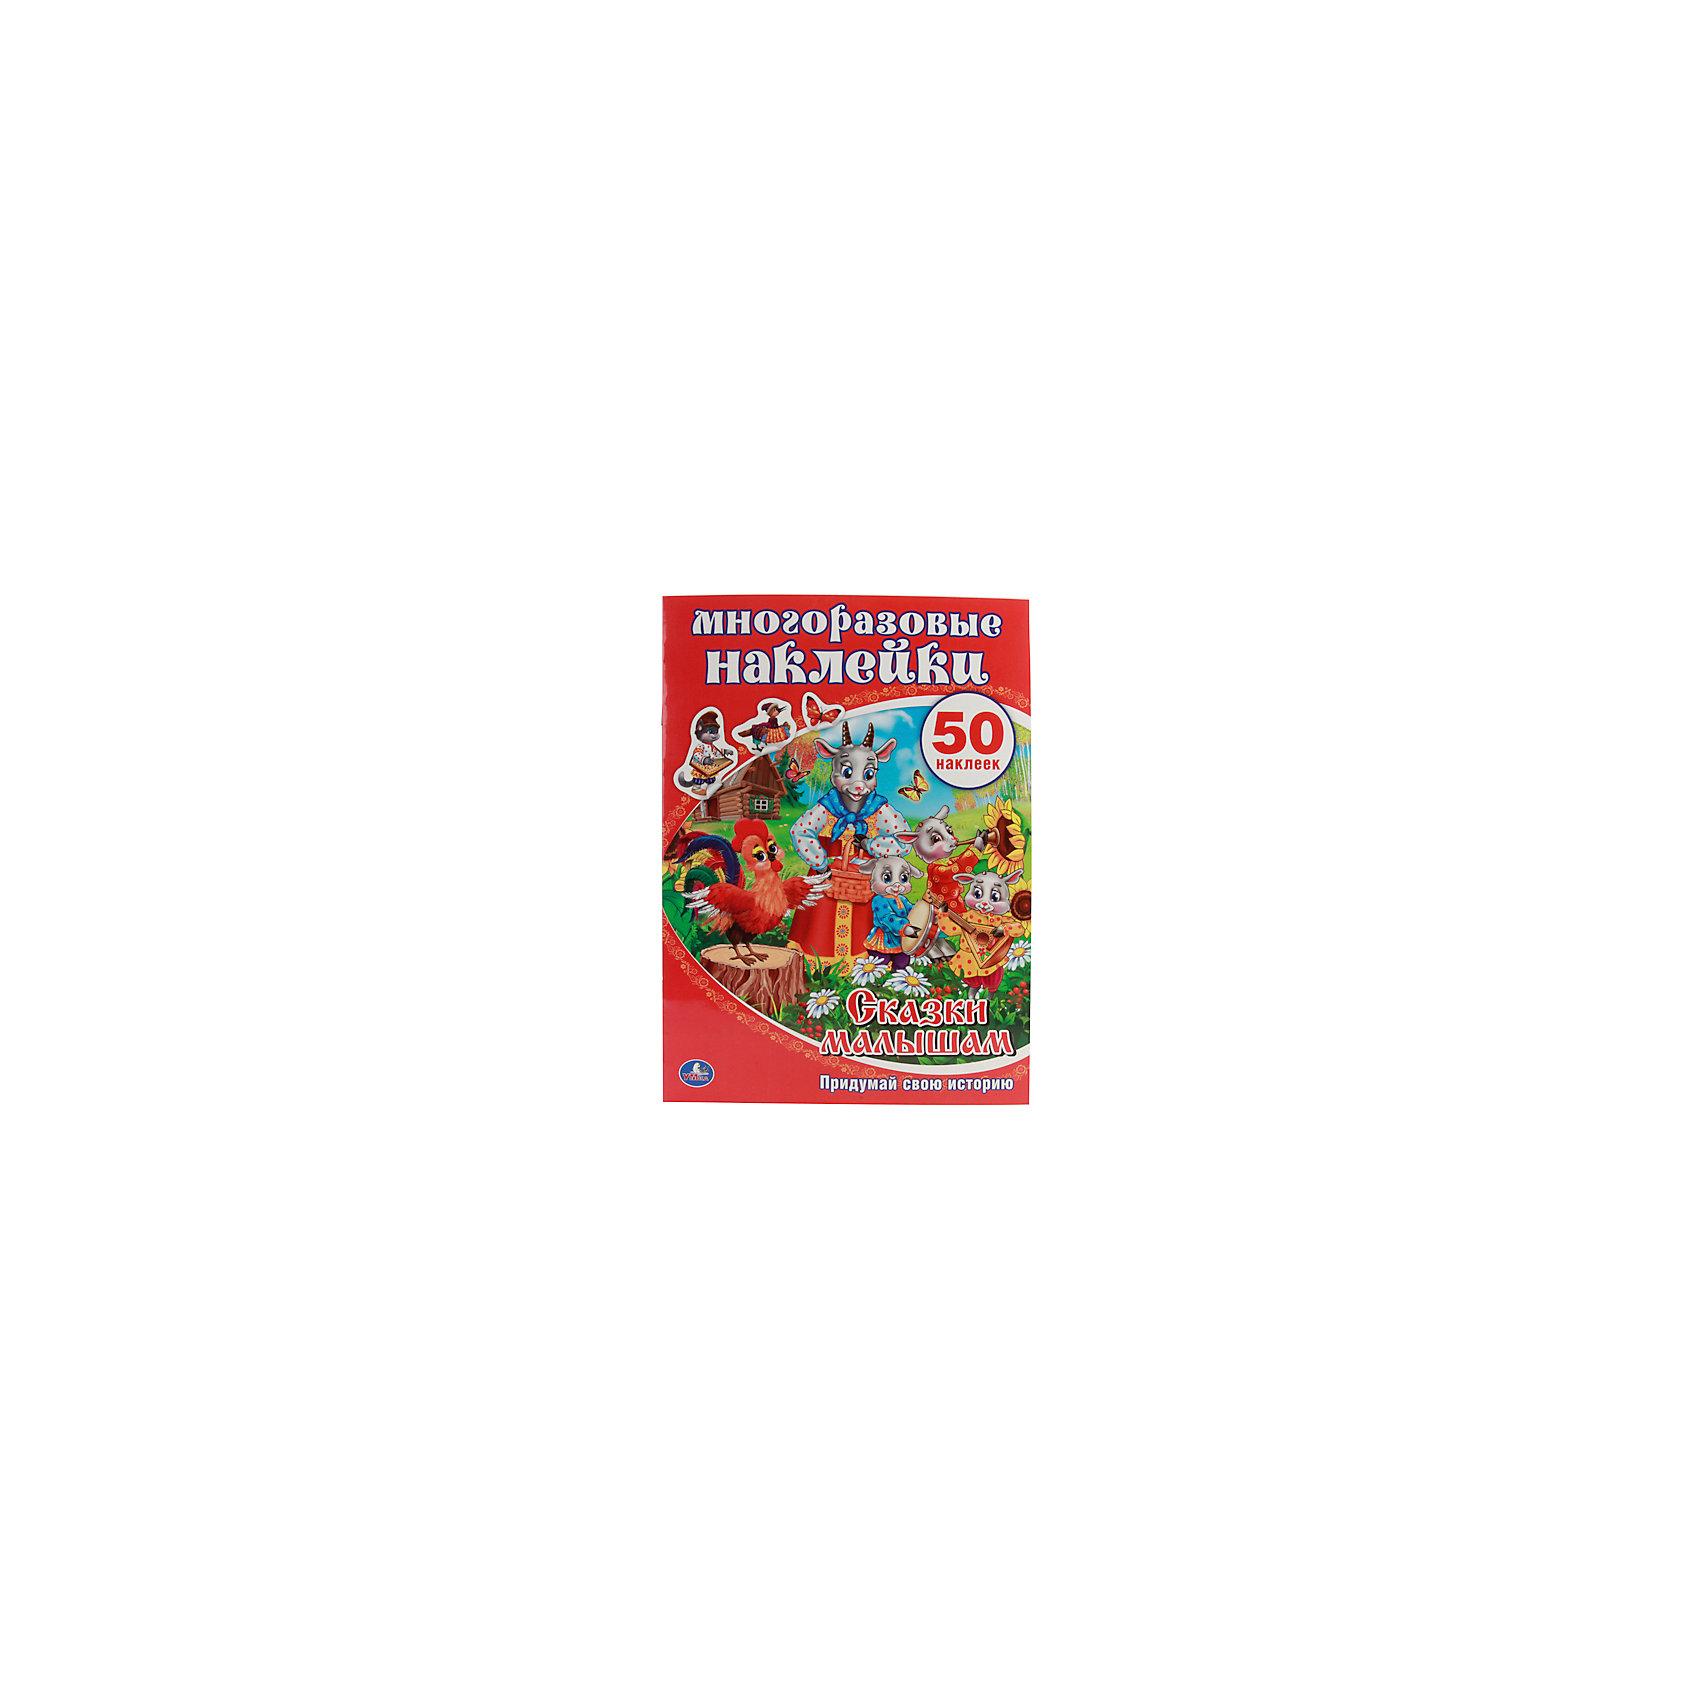 Активити + 50 многоразовых наклеек Сказки малышамКнижки с наклейками<br>Активити + 50 многоразовых наклеек Сказки малышам - это книга, на страницах которой малыш самостоятельно будет размещать героев сказок.<br>Замечательная книжка с многоразовыми наклейками для малышей и родителей. Читайте сказки: Волк и семеро козлят, Маша и медведь, Петушок - золотой гребешок, наклеивайте наклейки и придумывайте свои истории с героями. Сказки в сокращенном варианте.<br><br>Дополнительная информация:<br><br>- Художники: Д. Букин, С. Казикова, И. Гилеп<br>- Издательство: Умка<br>- Тип обложки: мягкий переплет<br>- Иллюстрации: цветные<br>- Количество страниц: 8<br>- Количество многоразовых наклеек: 50<br>- Размер: 210х290х5 мм.<br>- Вес: 80 гр.<br><br>Книгу Активити + 50 многоразовых наклеек Сказки малышам можно купить в нашем интернет-магазине.<br><br>Ширина мм: 210<br>Глубина мм: 290<br>Высота мм: 5<br>Вес г: 80<br>Возраст от месяцев: 36<br>Возраст до месяцев: 2147483647<br>Пол: Унисекс<br>Возраст: Детский<br>SKU: 4578942